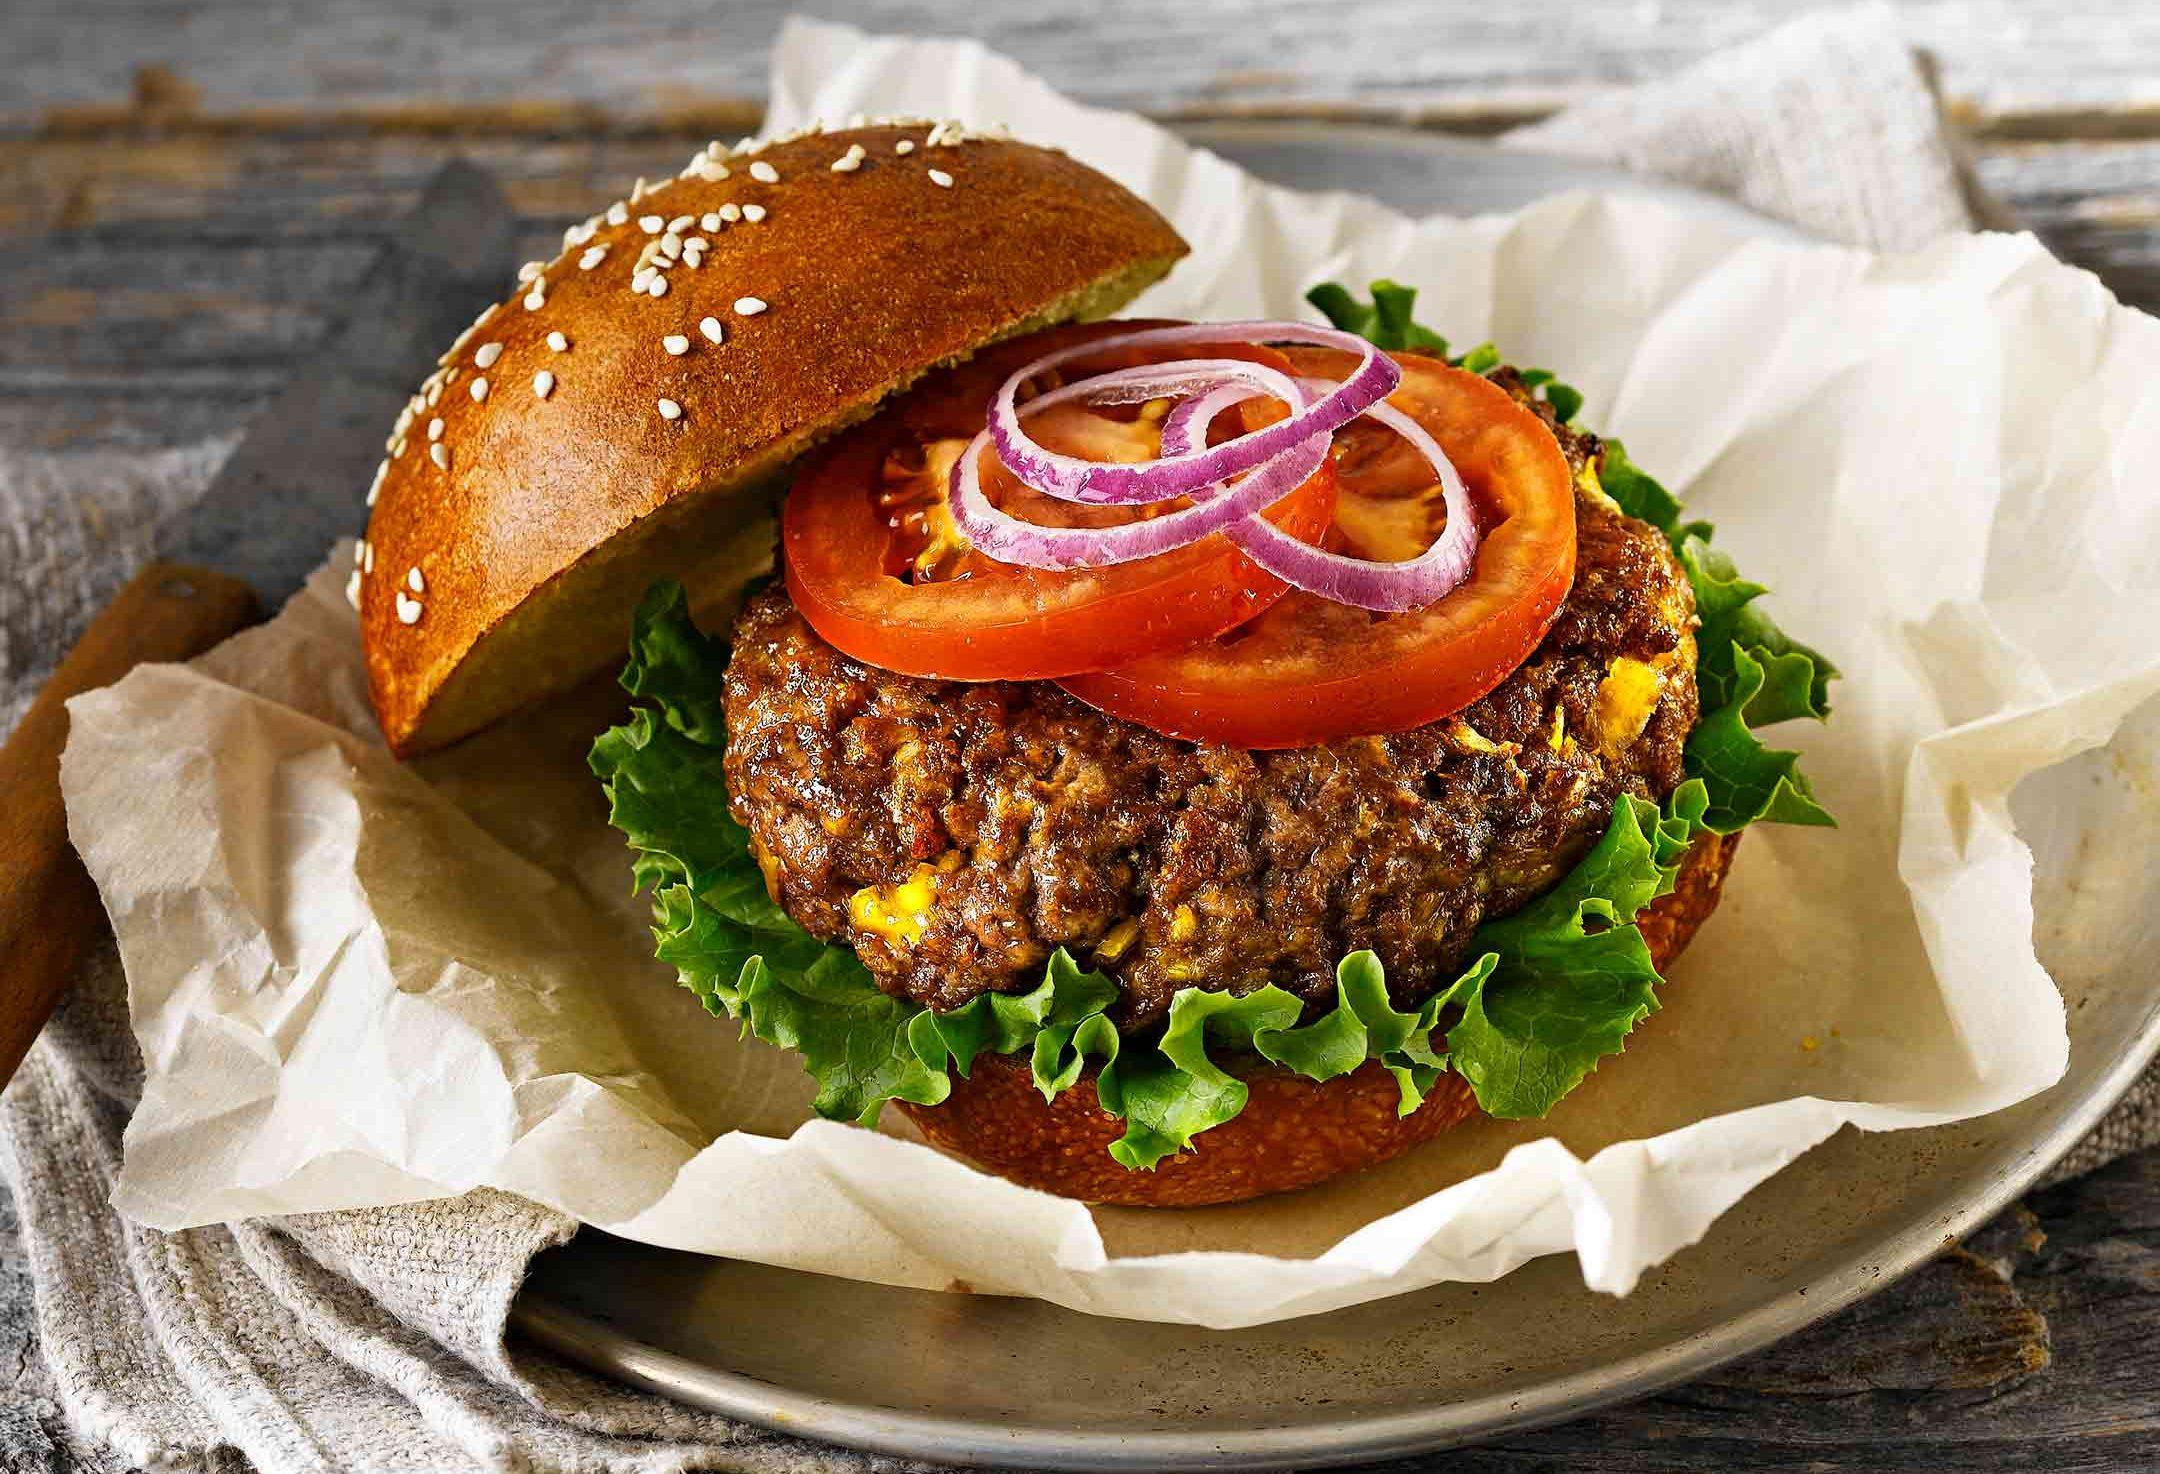 review Cửa Hàng Thức Ăn Nhanh Burger Tiện Lợi